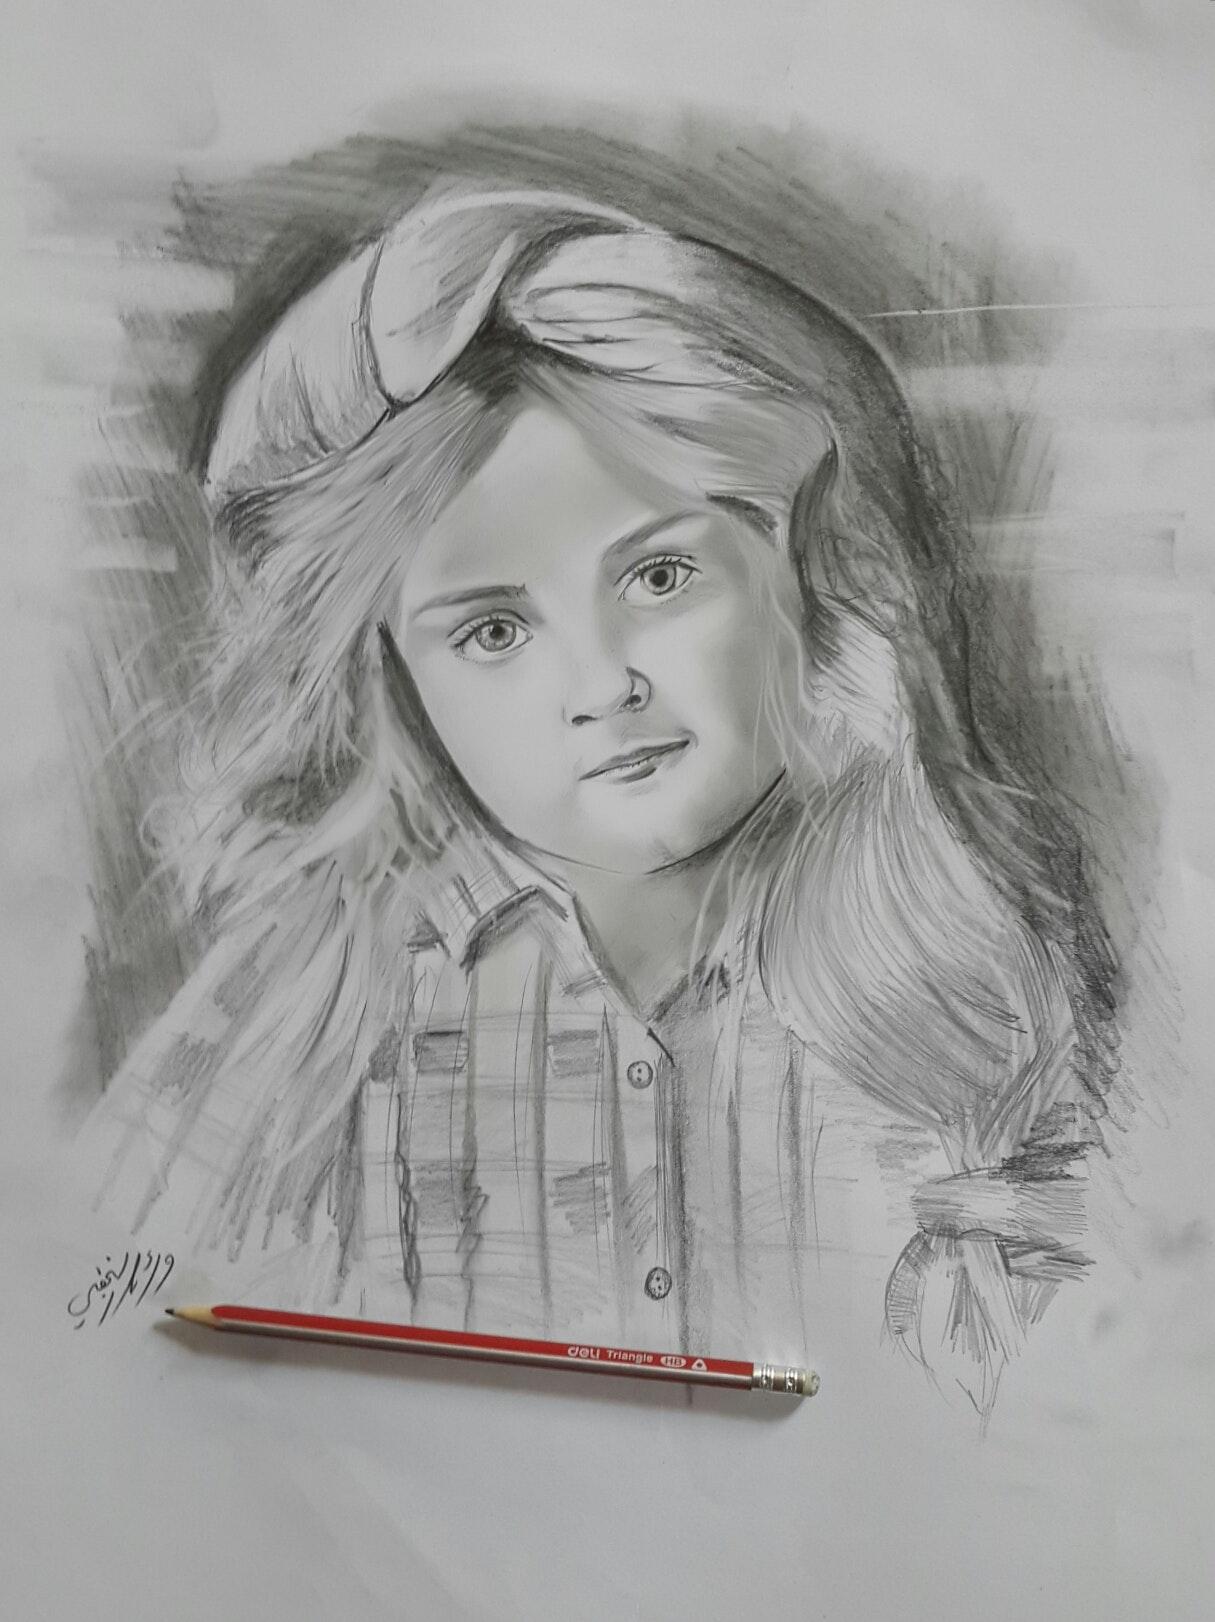 رسمي بالقلم الرصاص اول مشاركة لي معكم